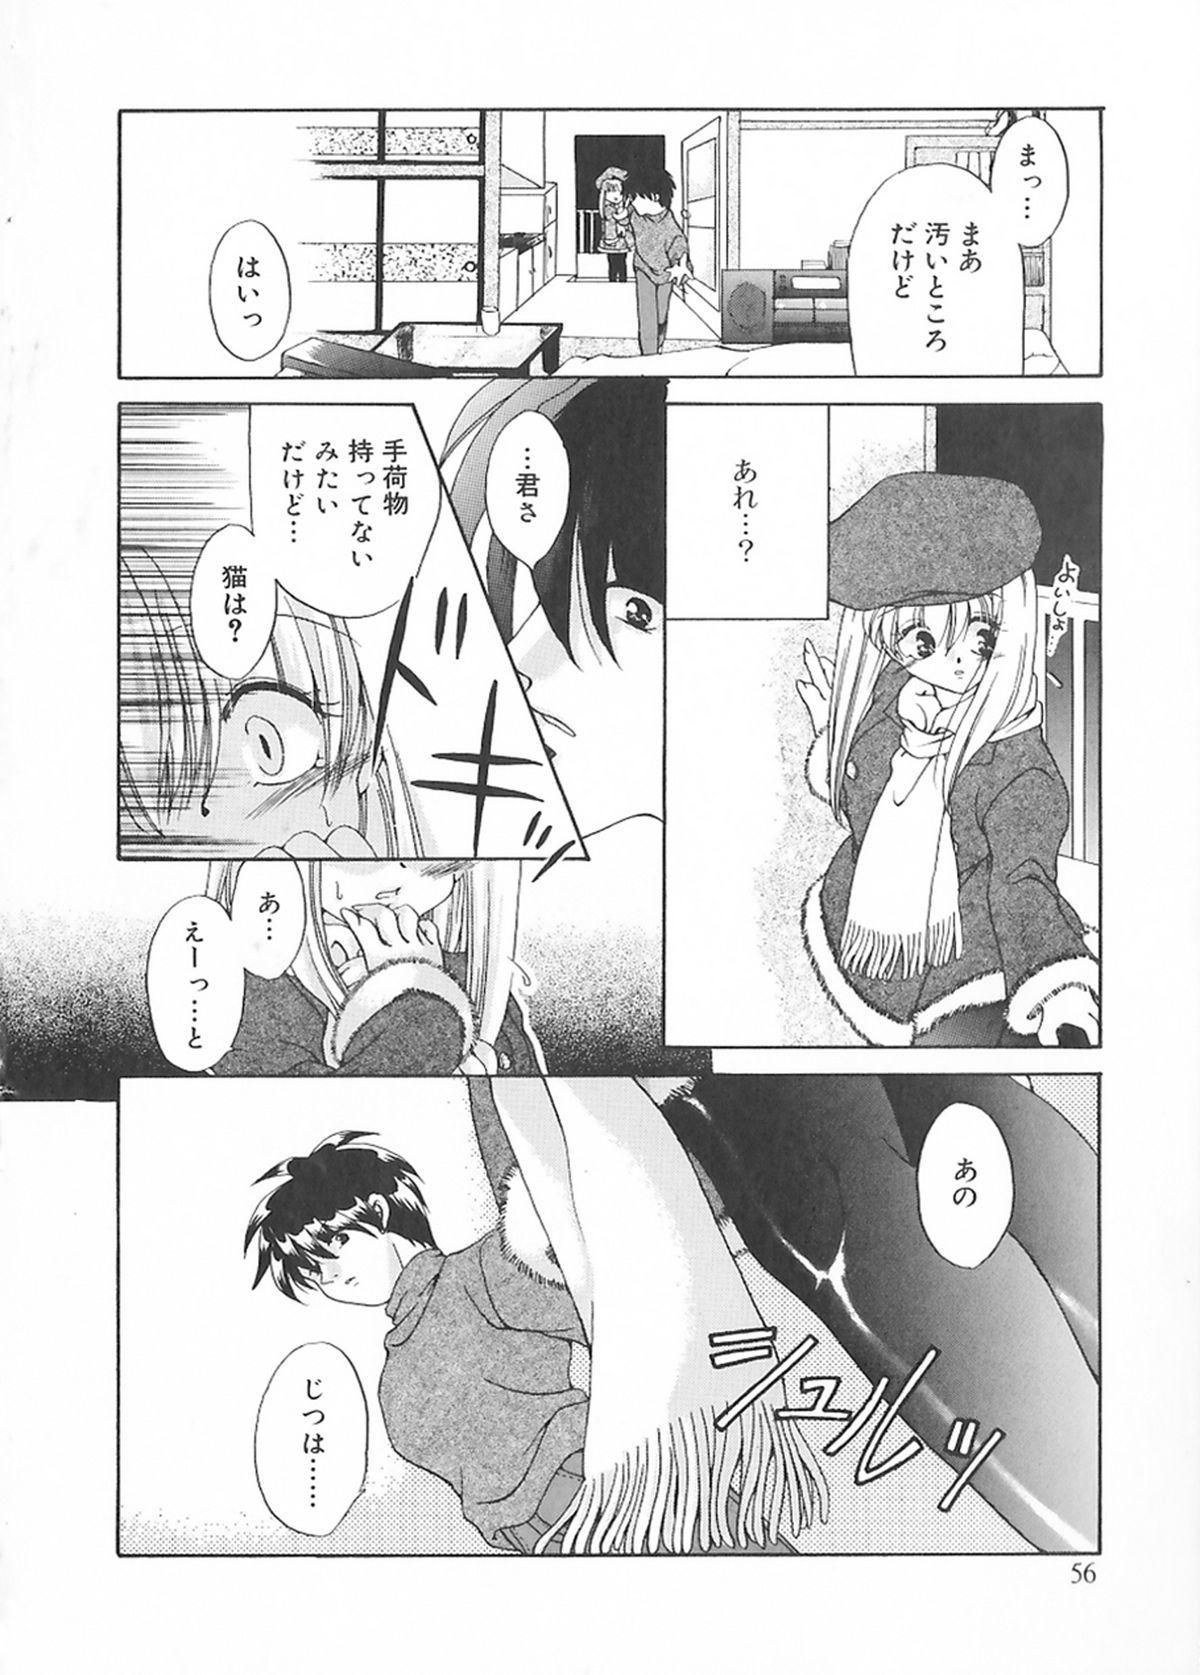 Cream Tengoku - Shinsouban 53